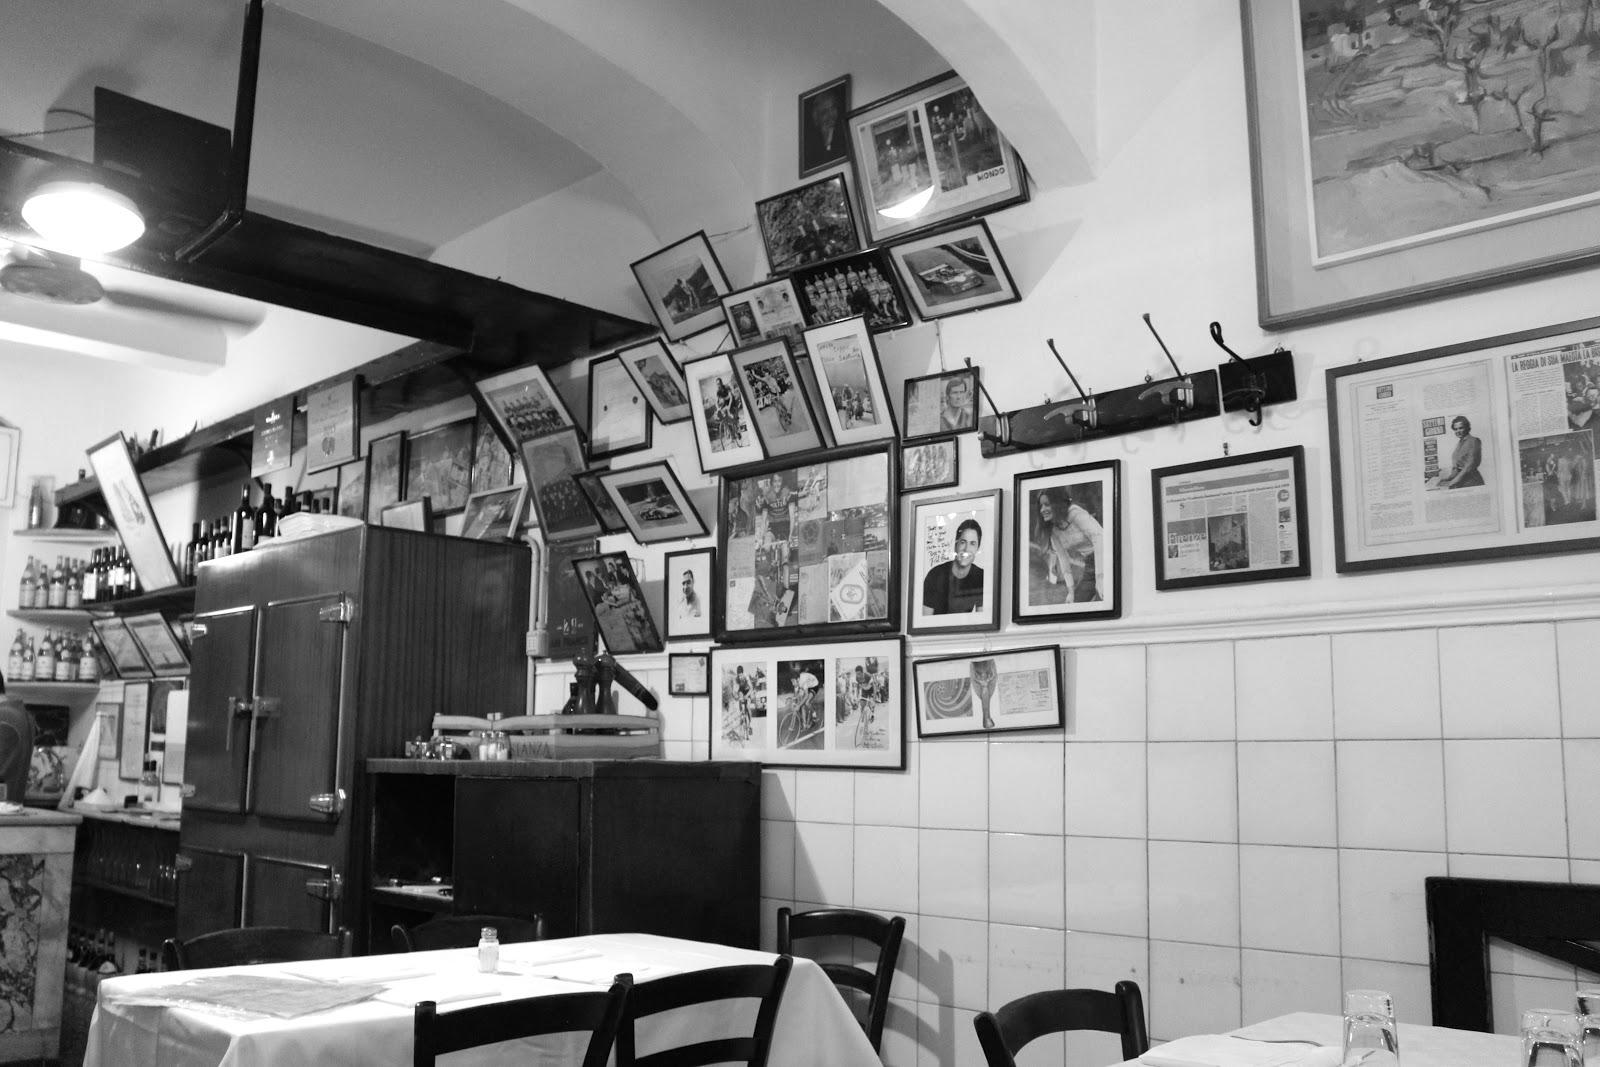 Trattoria Sostanza Firenze interior